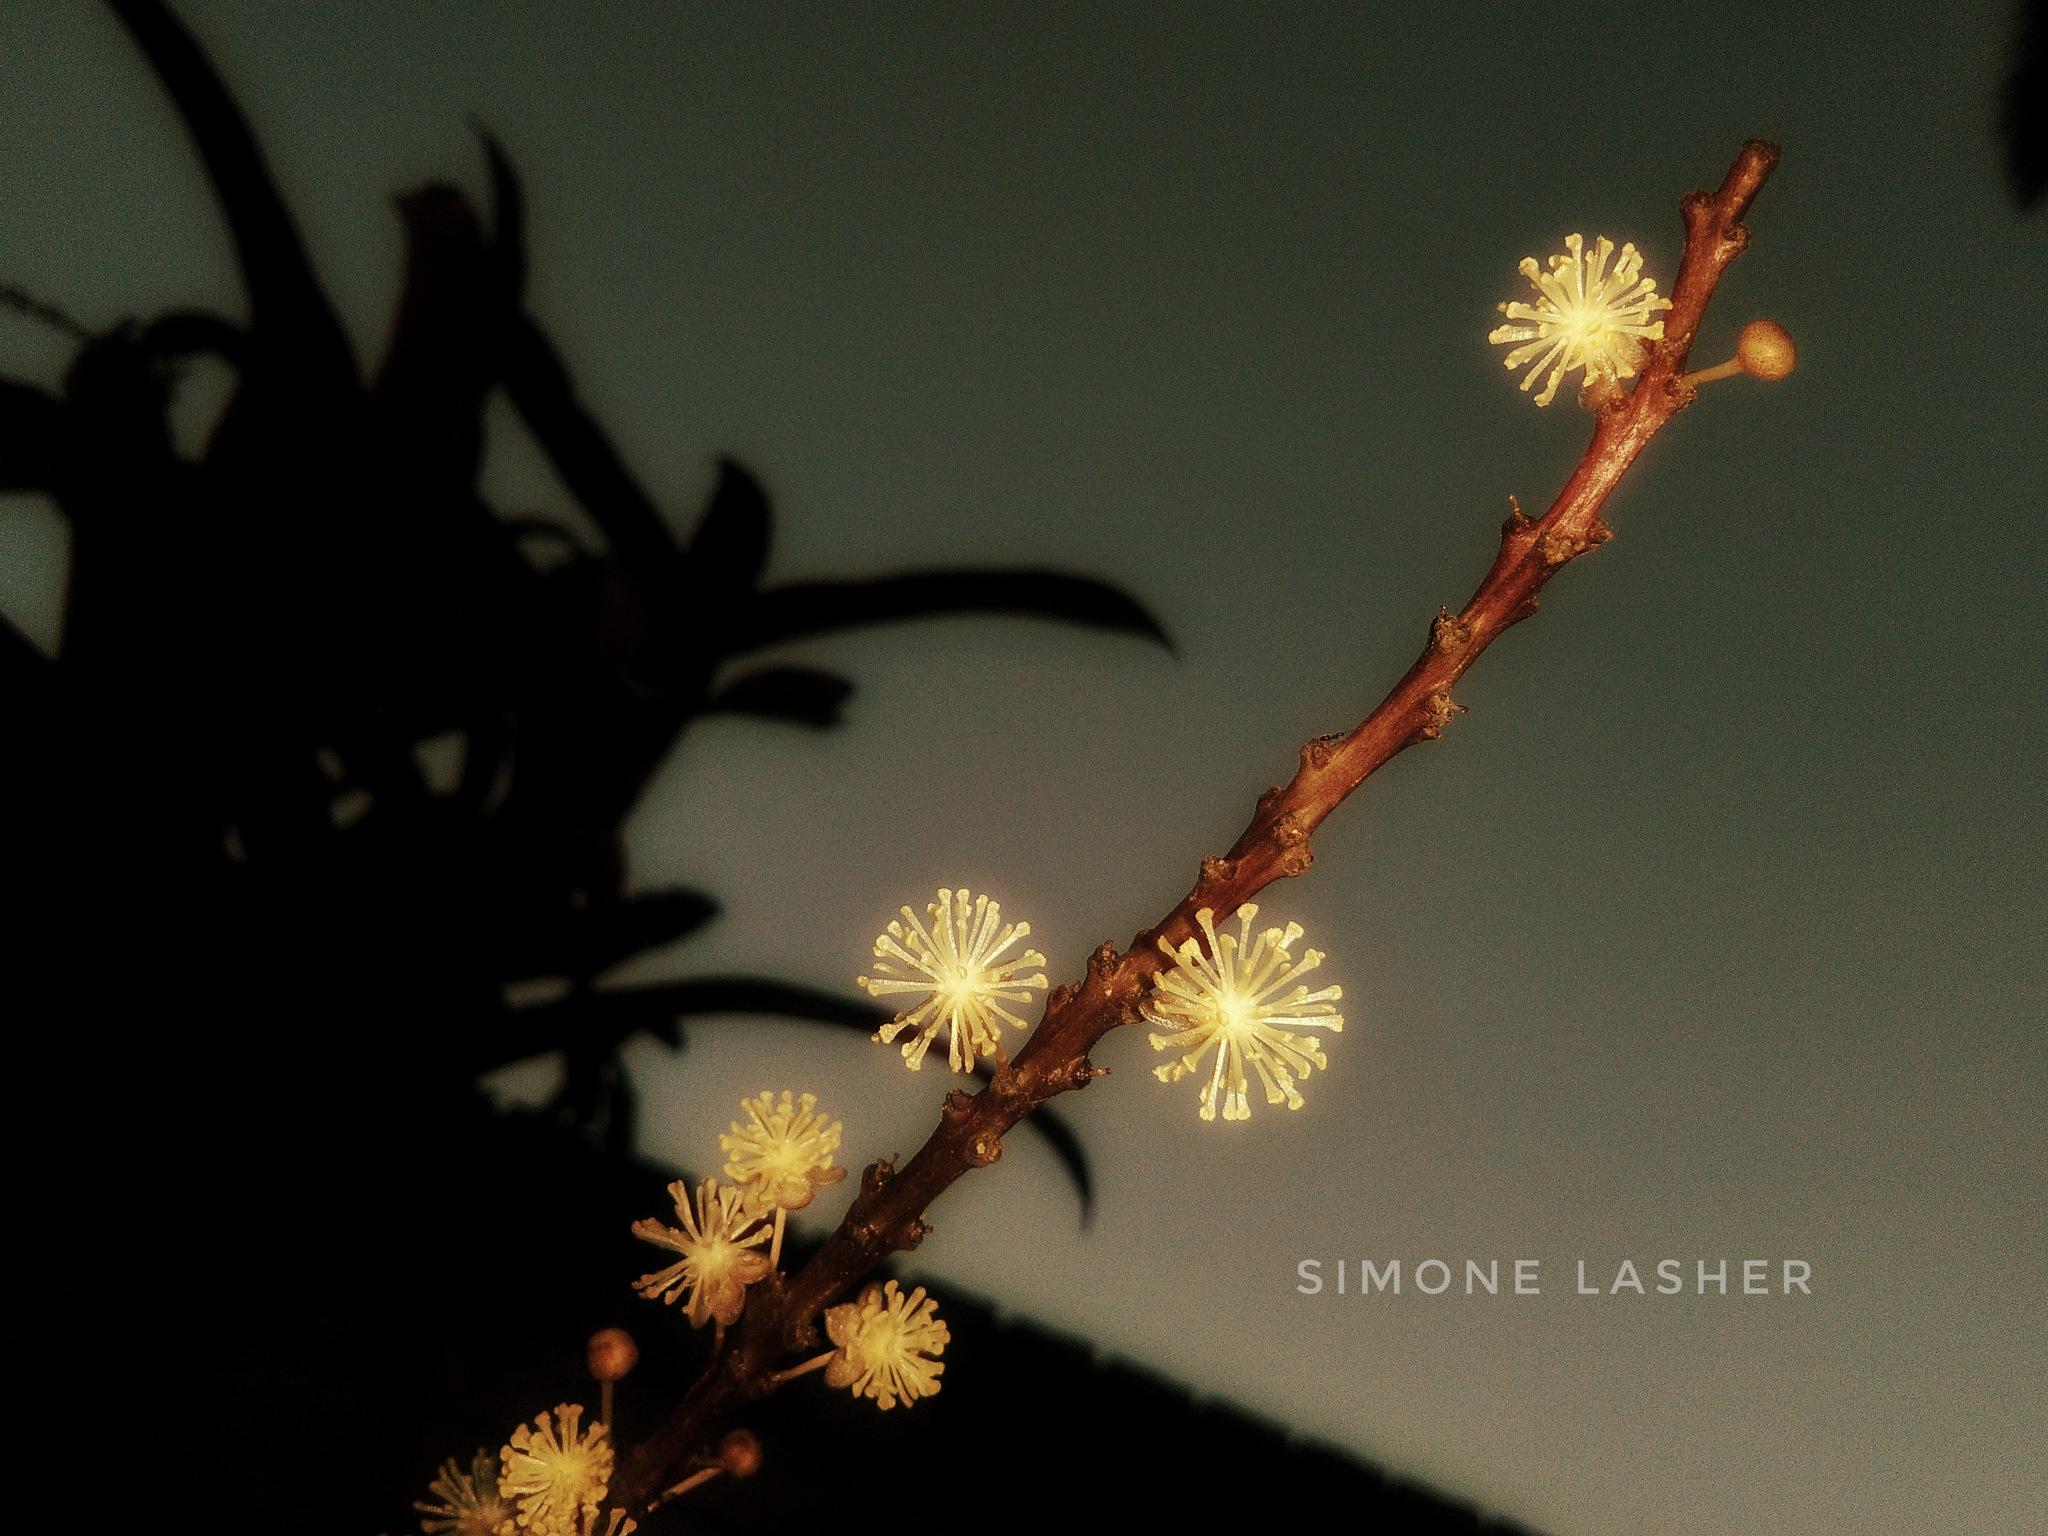 glow by Simone Lasher